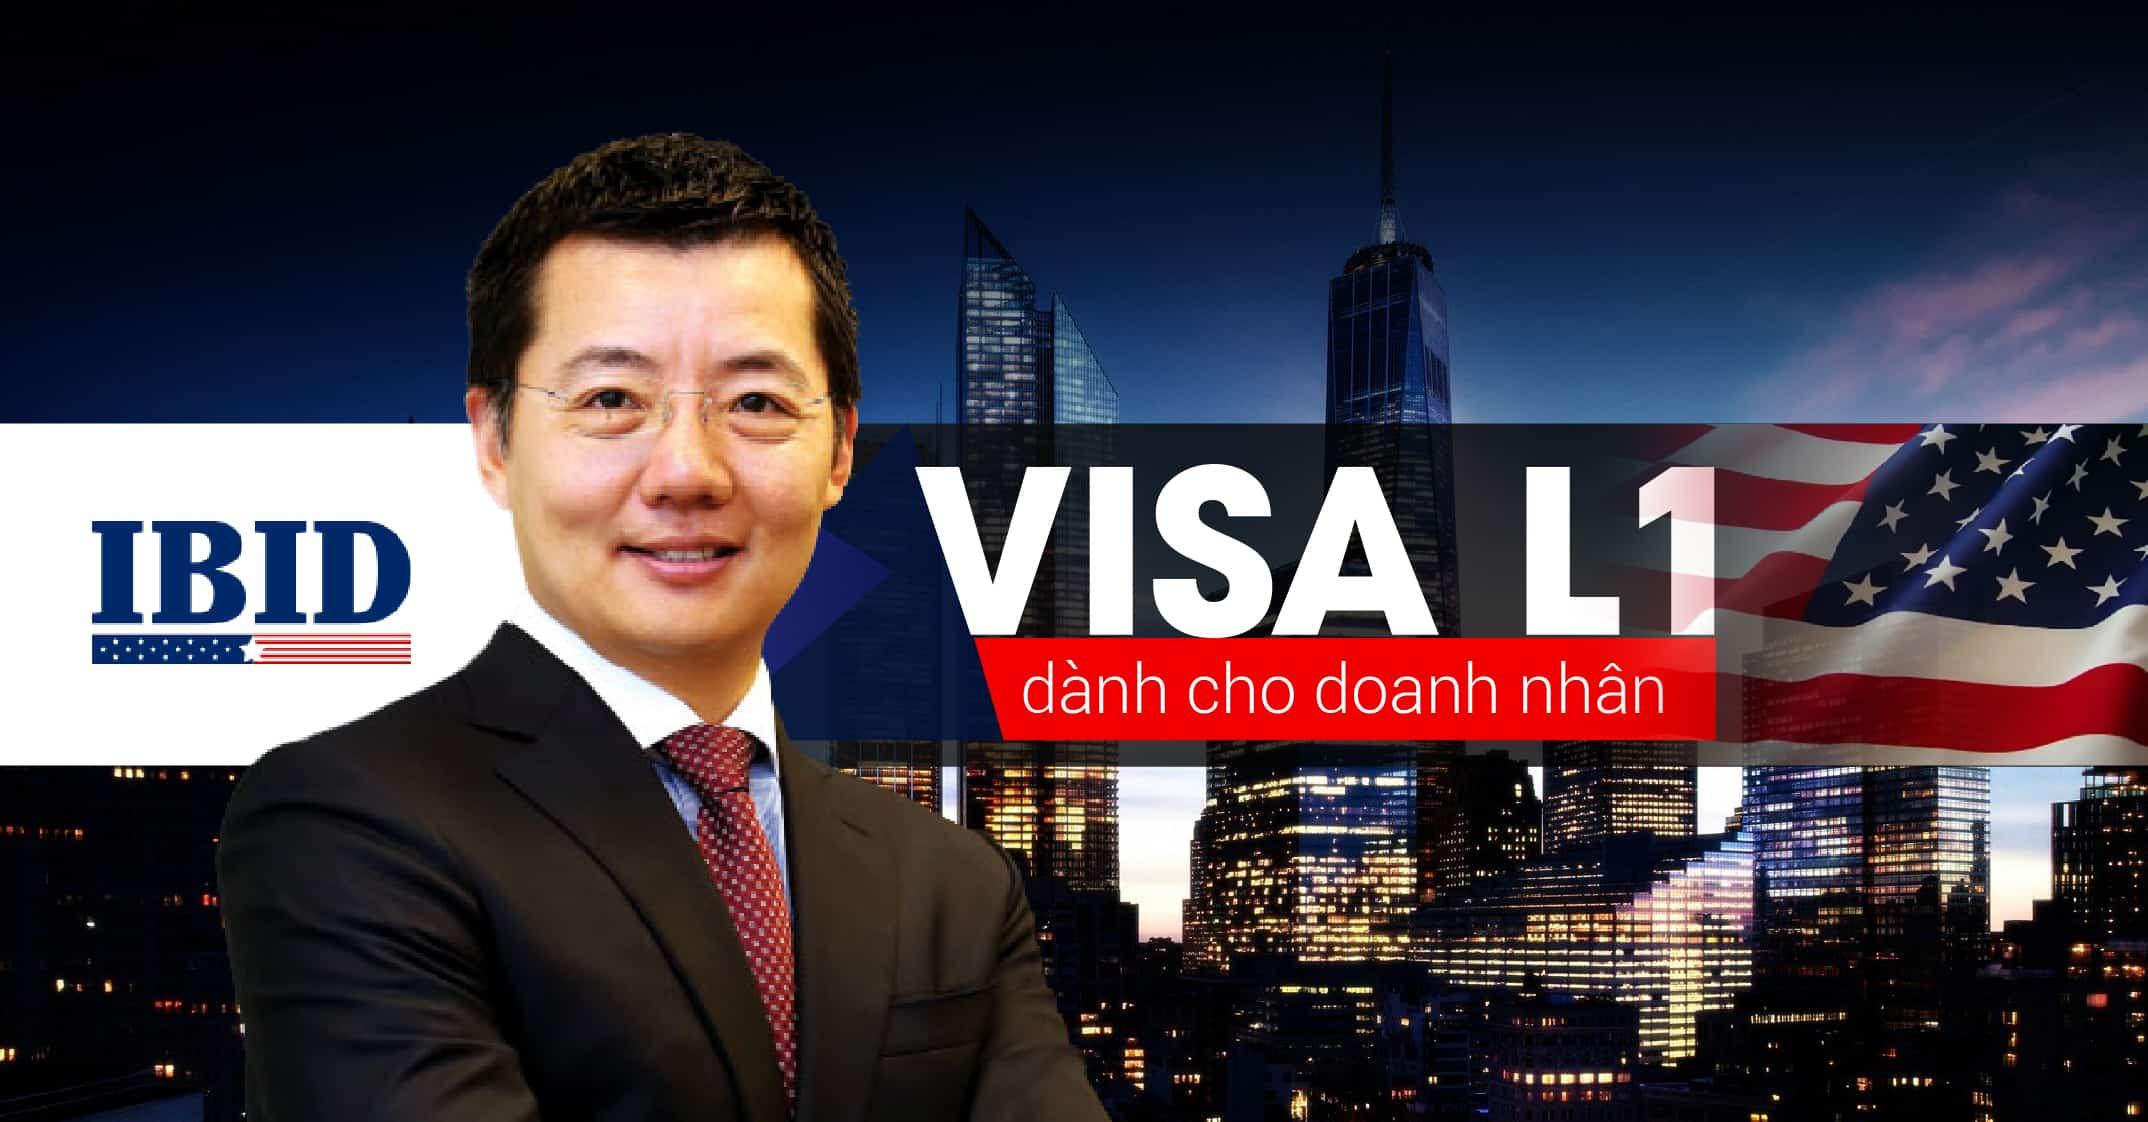 4 yêu cầu cần hội đủ cho một visa L-1